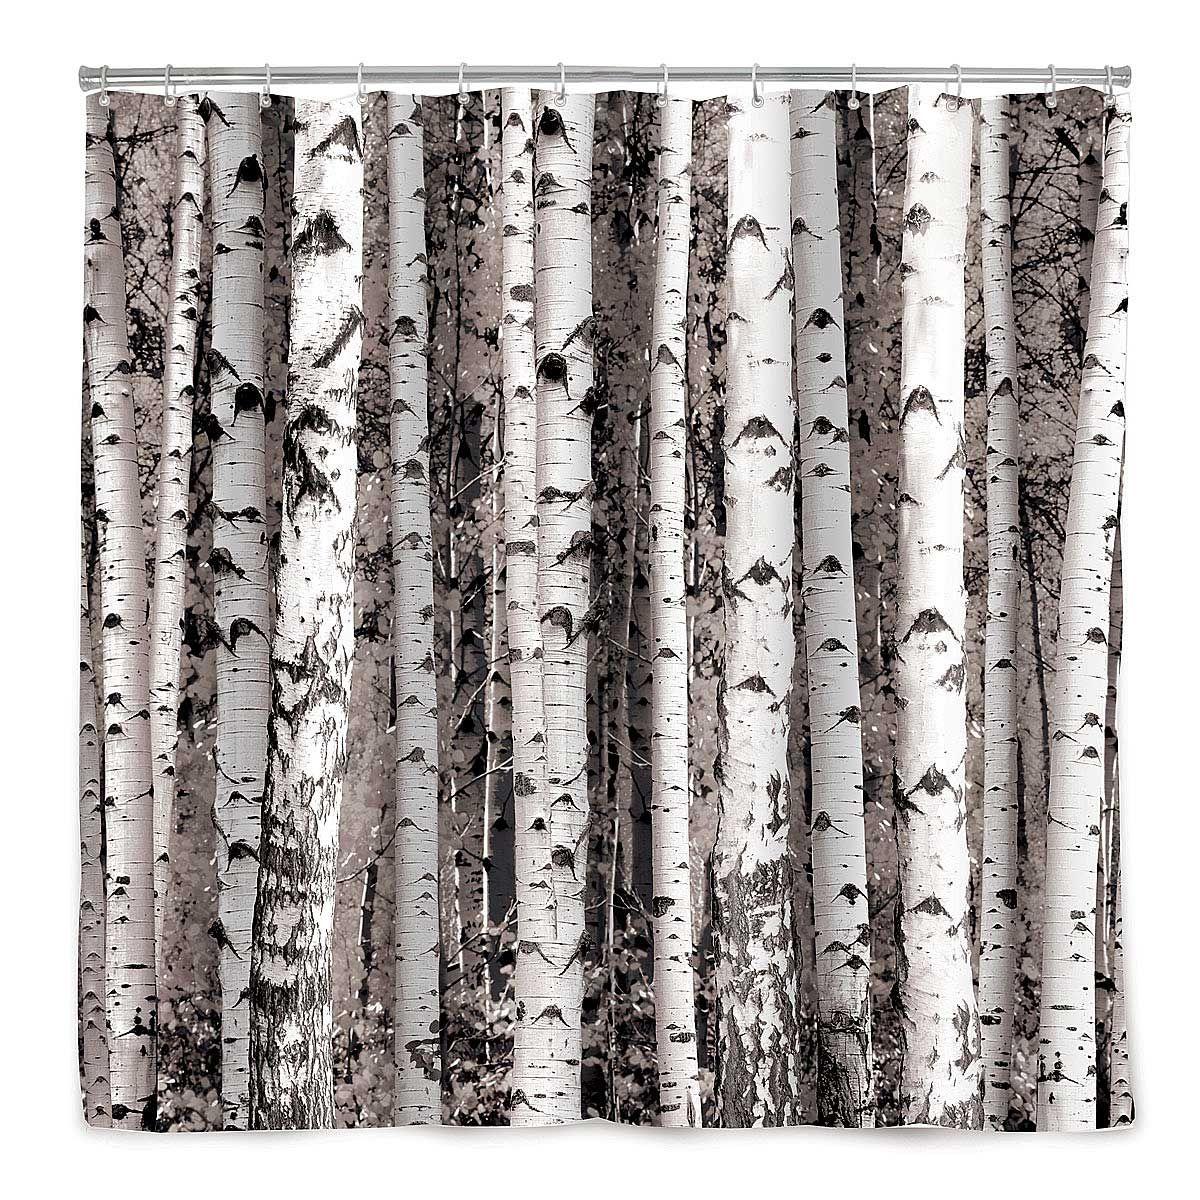 Birch Forest Shower Curtain Tree Decor Bath Accessories Tree